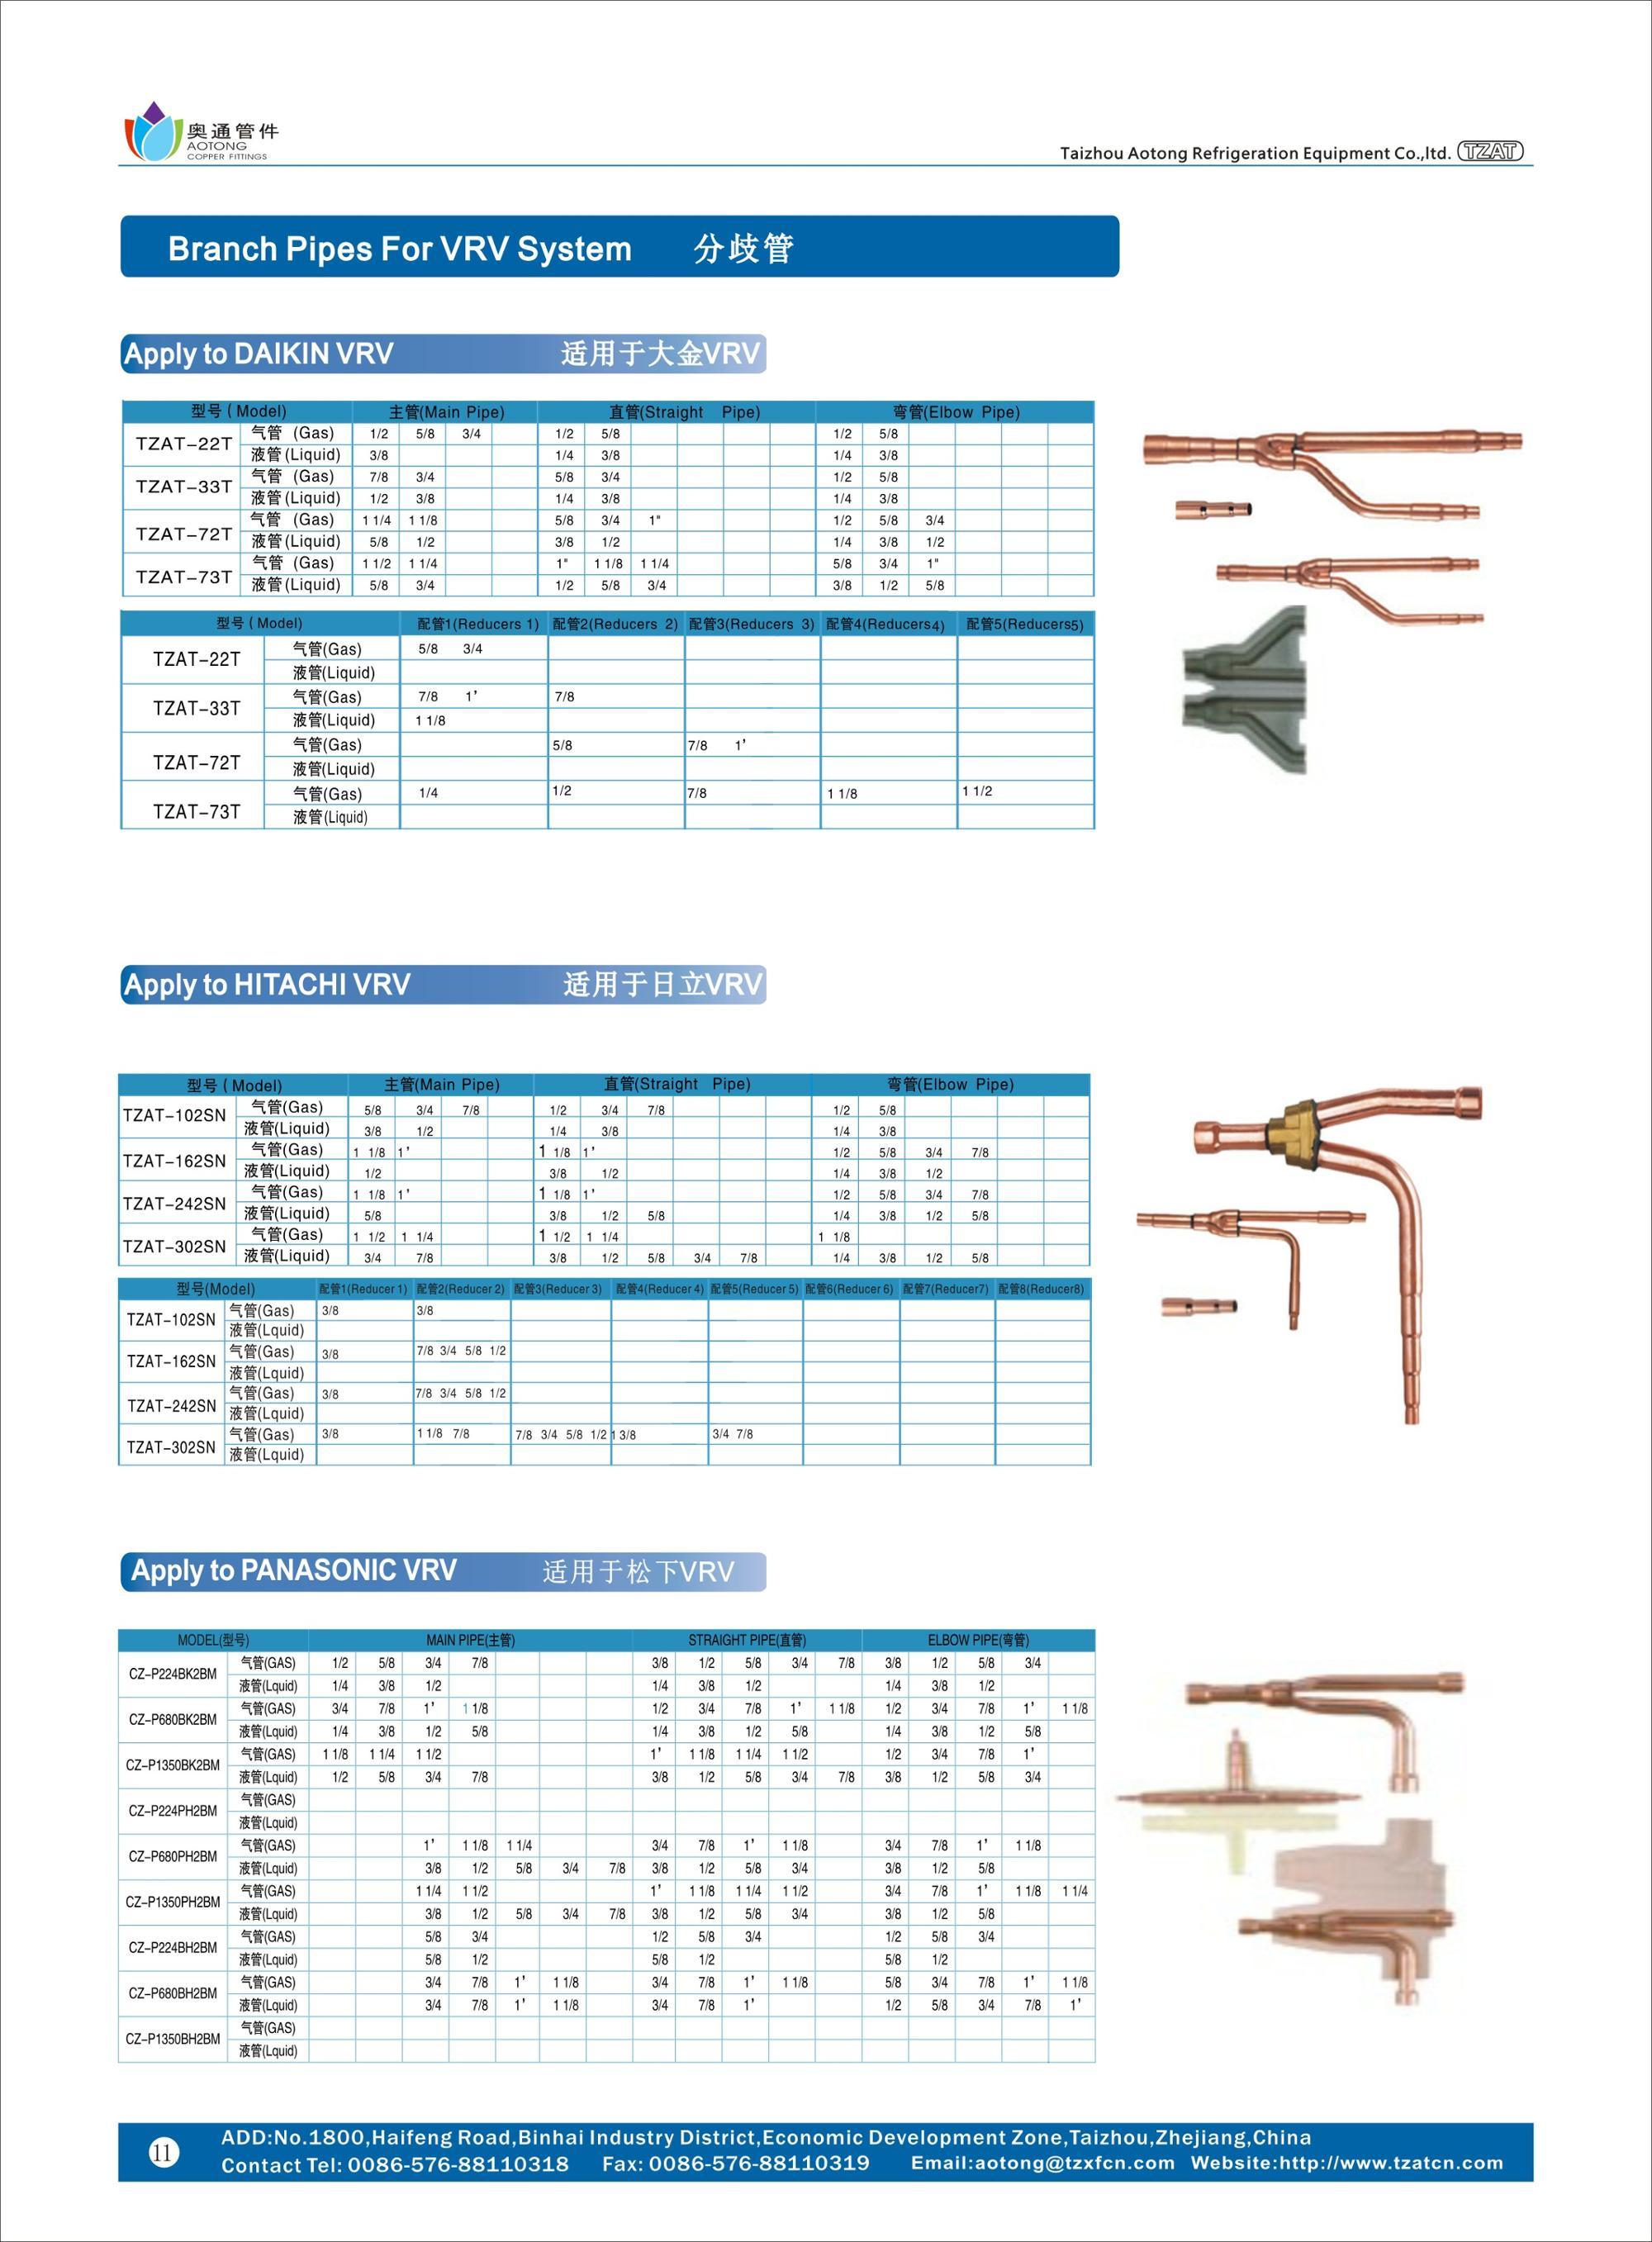 Copper Y Refnet Joints For Vrv Vrf System - Buy Copper Y ...